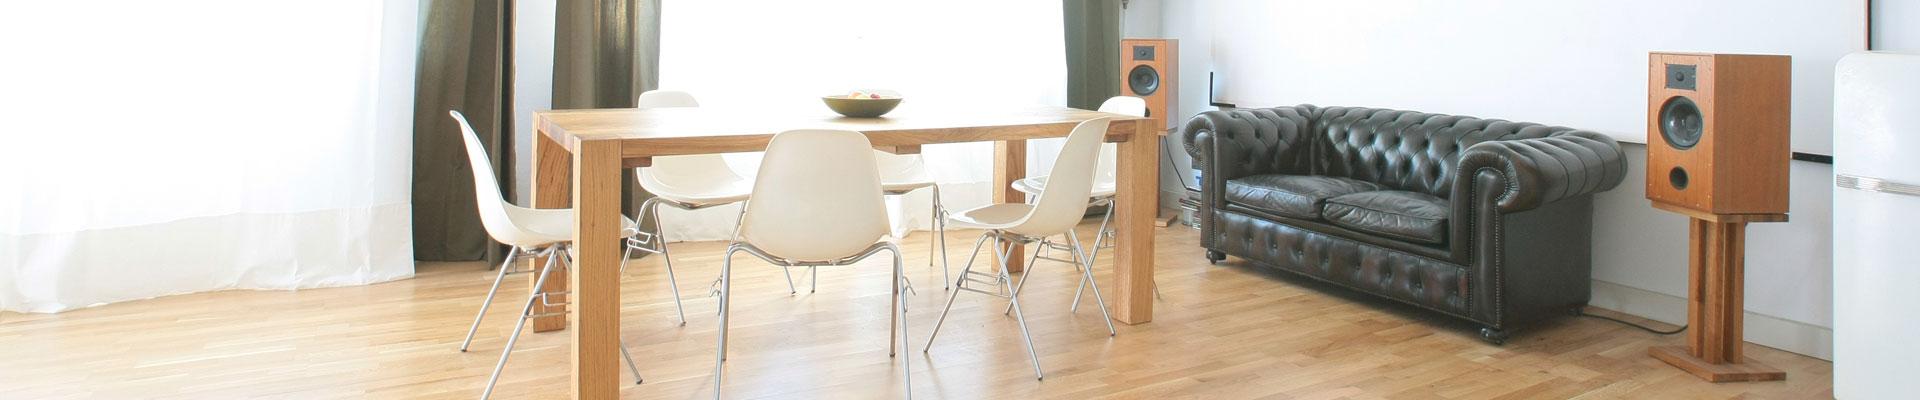 bastionstudio d sseldorf bastionstudio d sseldorf fotostudio rentstudio mietstudio. Black Bedroom Furniture Sets. Home Design Ideas